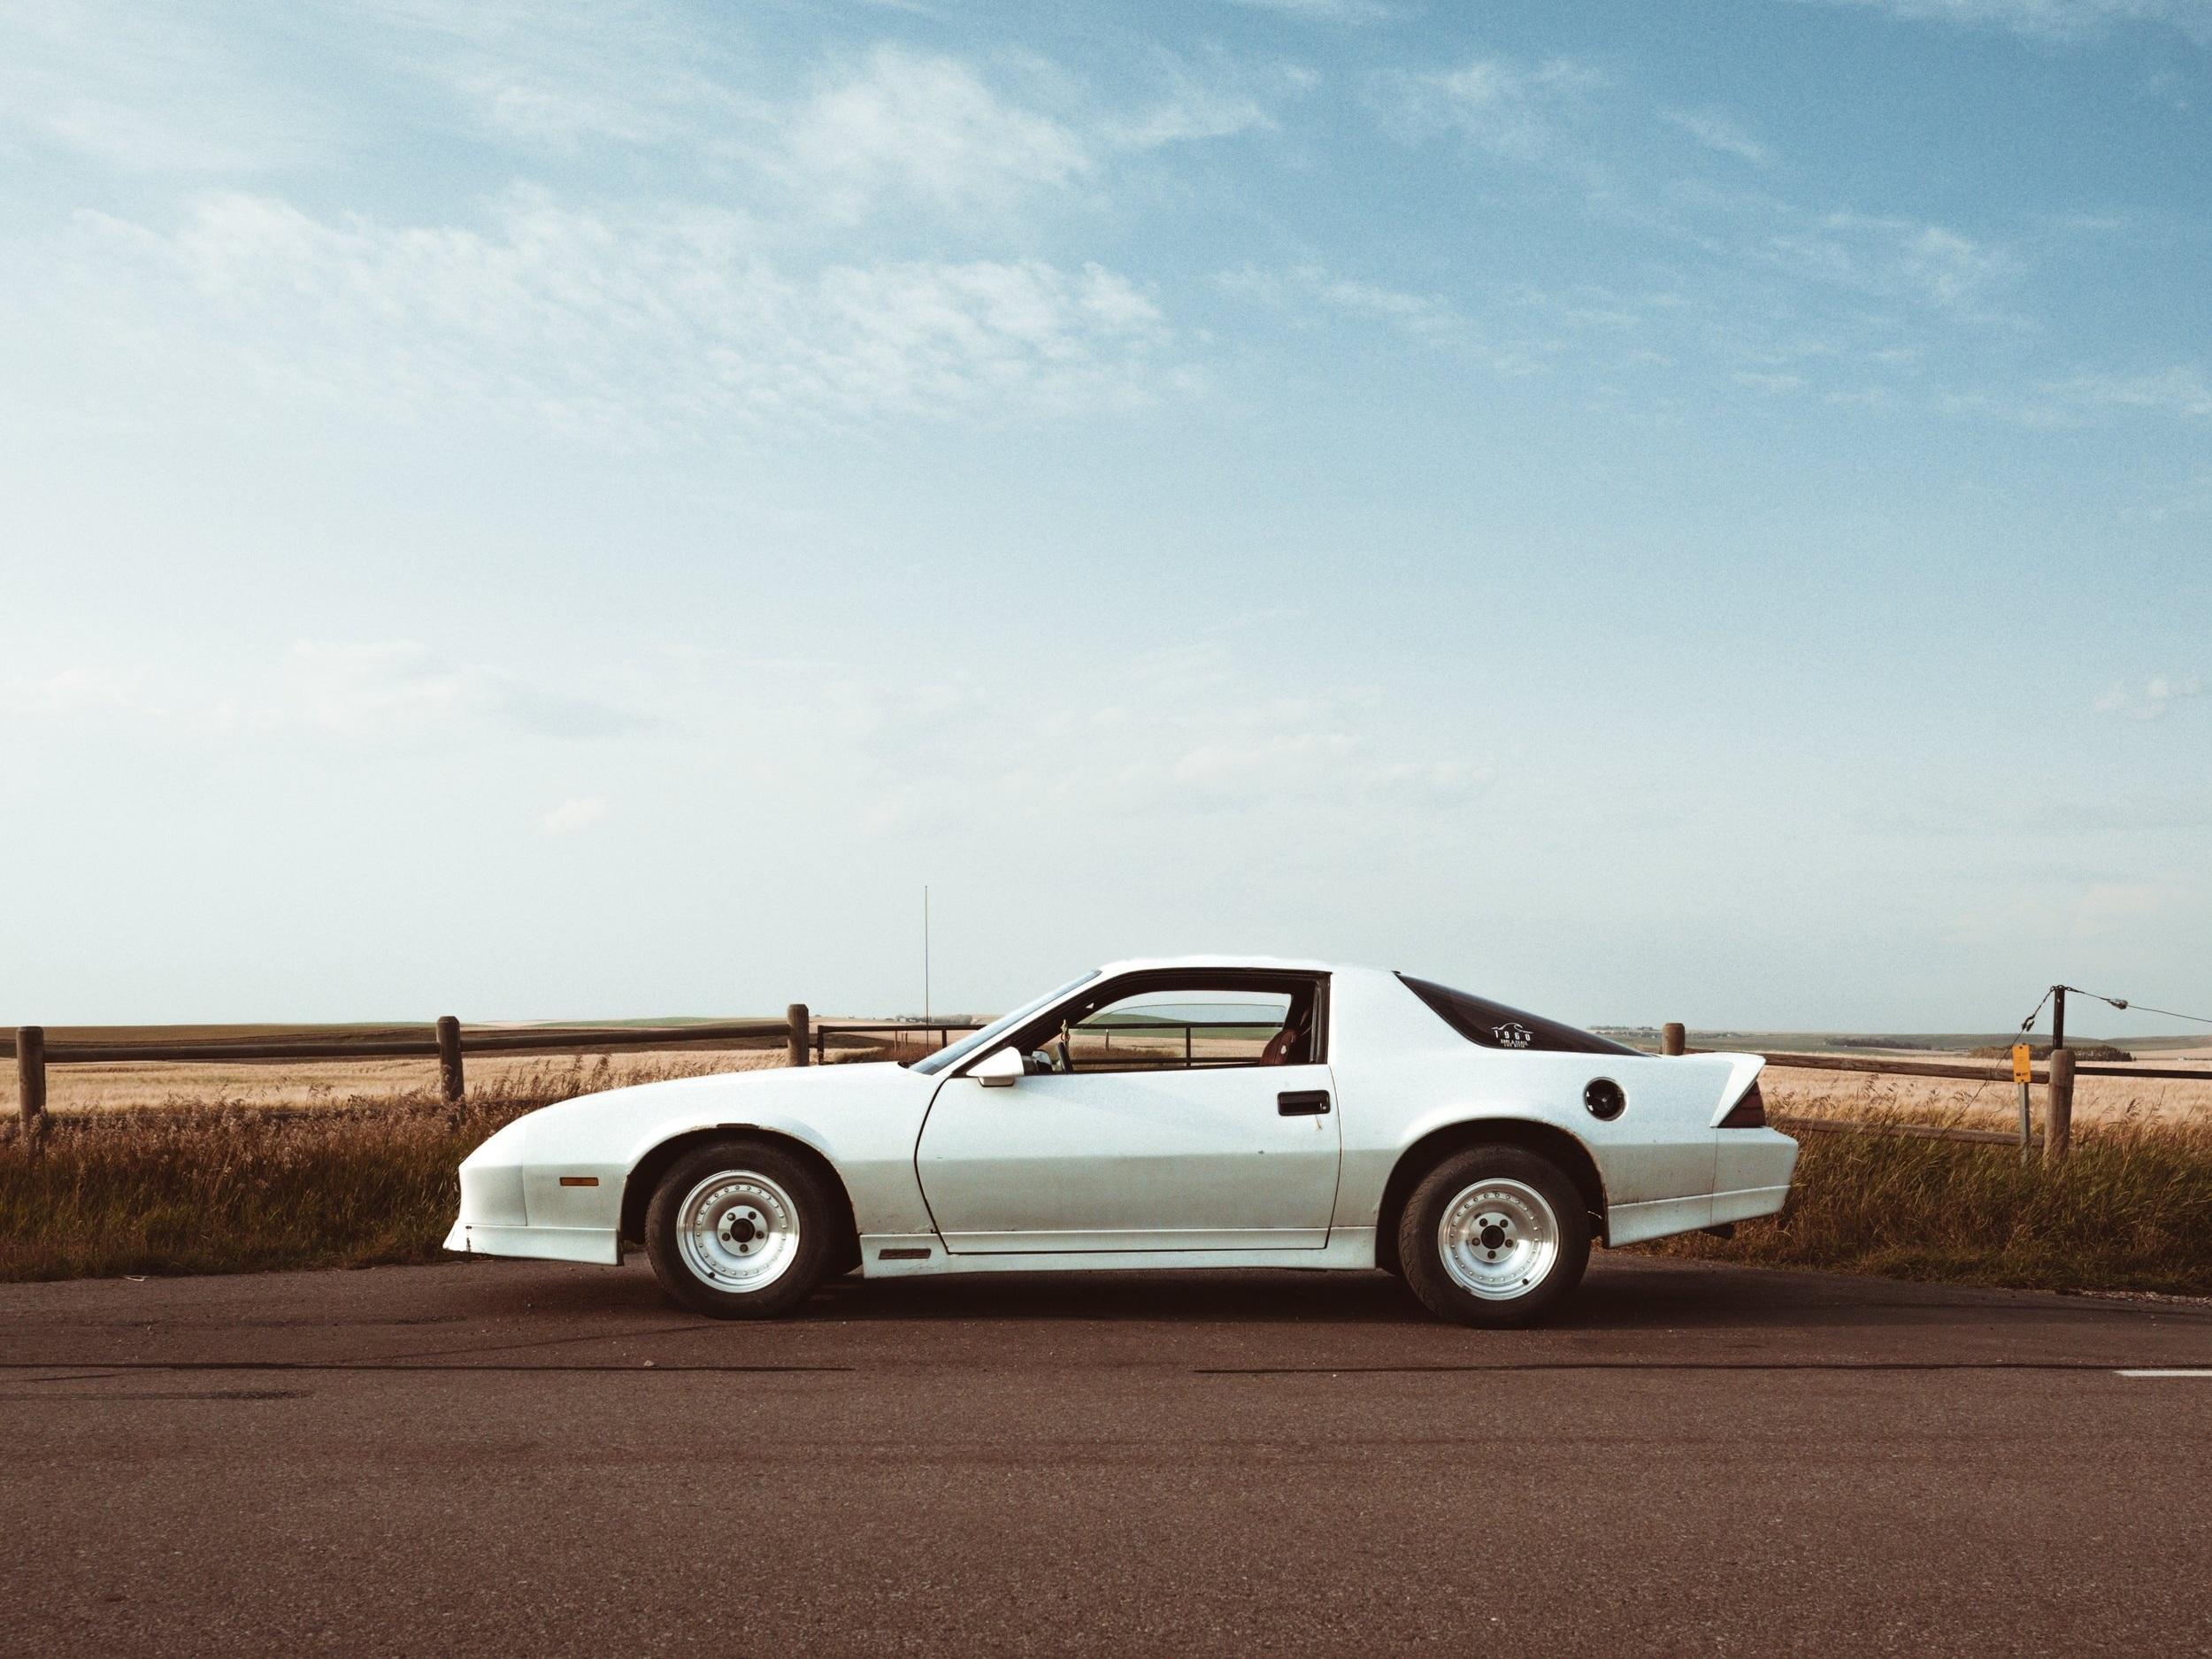 Camaro+1980s.jpg